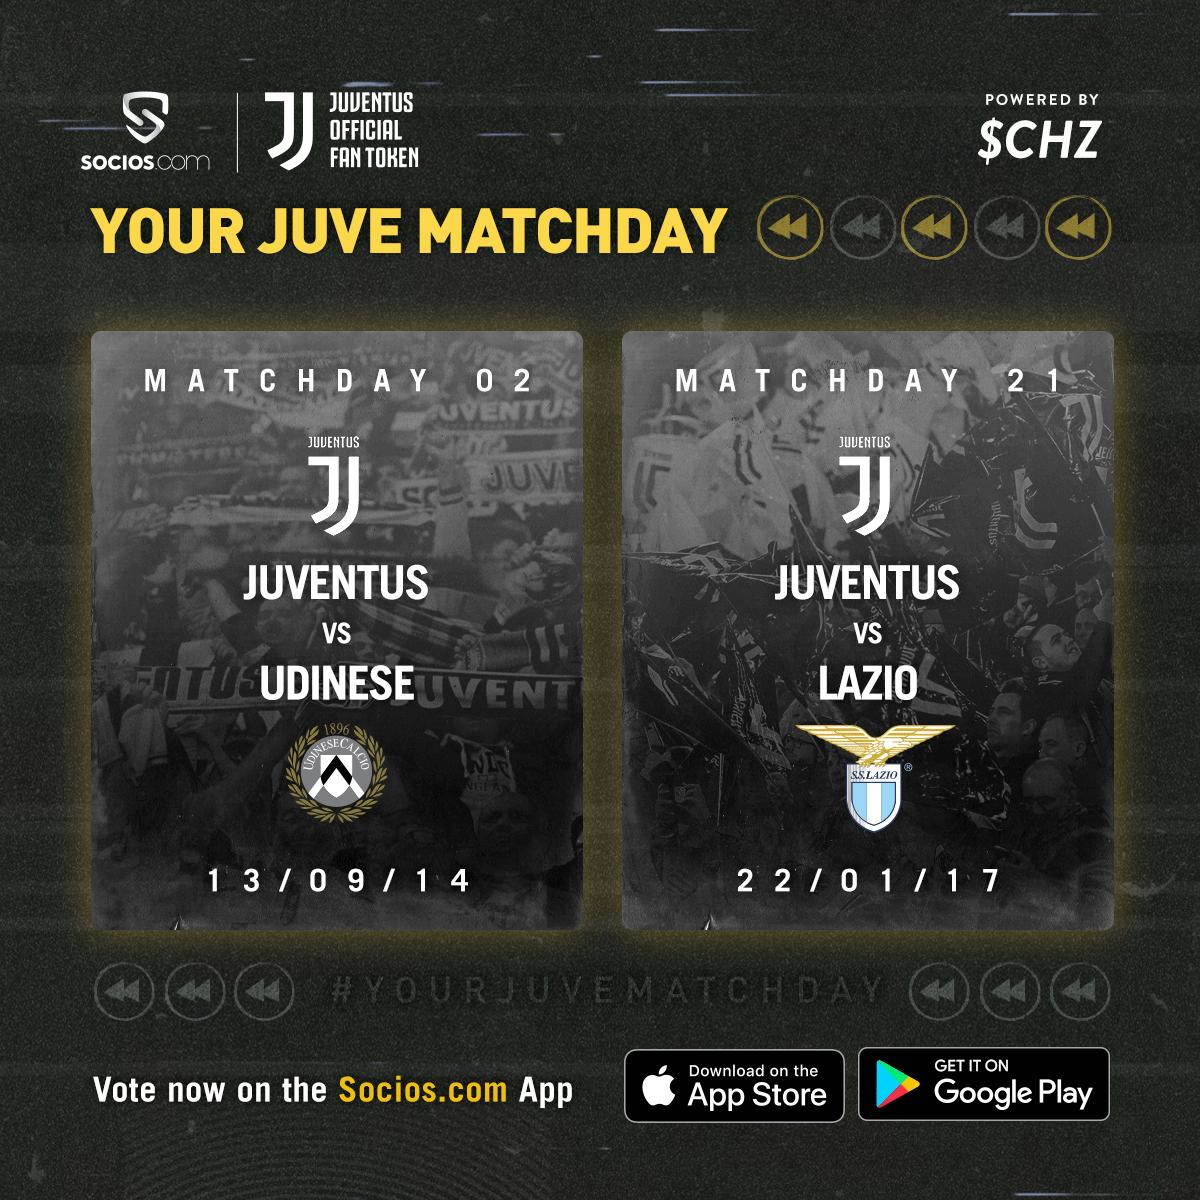 Udinese o Lazio? 🤔 Che partita scegliete per il #YourJuveMatchday di mercoledì sera? Votate con lapp di @socios 🗳 bit.ly/SociosJuve 📌 La più votata in diretta Facebook mercoledì alle 20:45